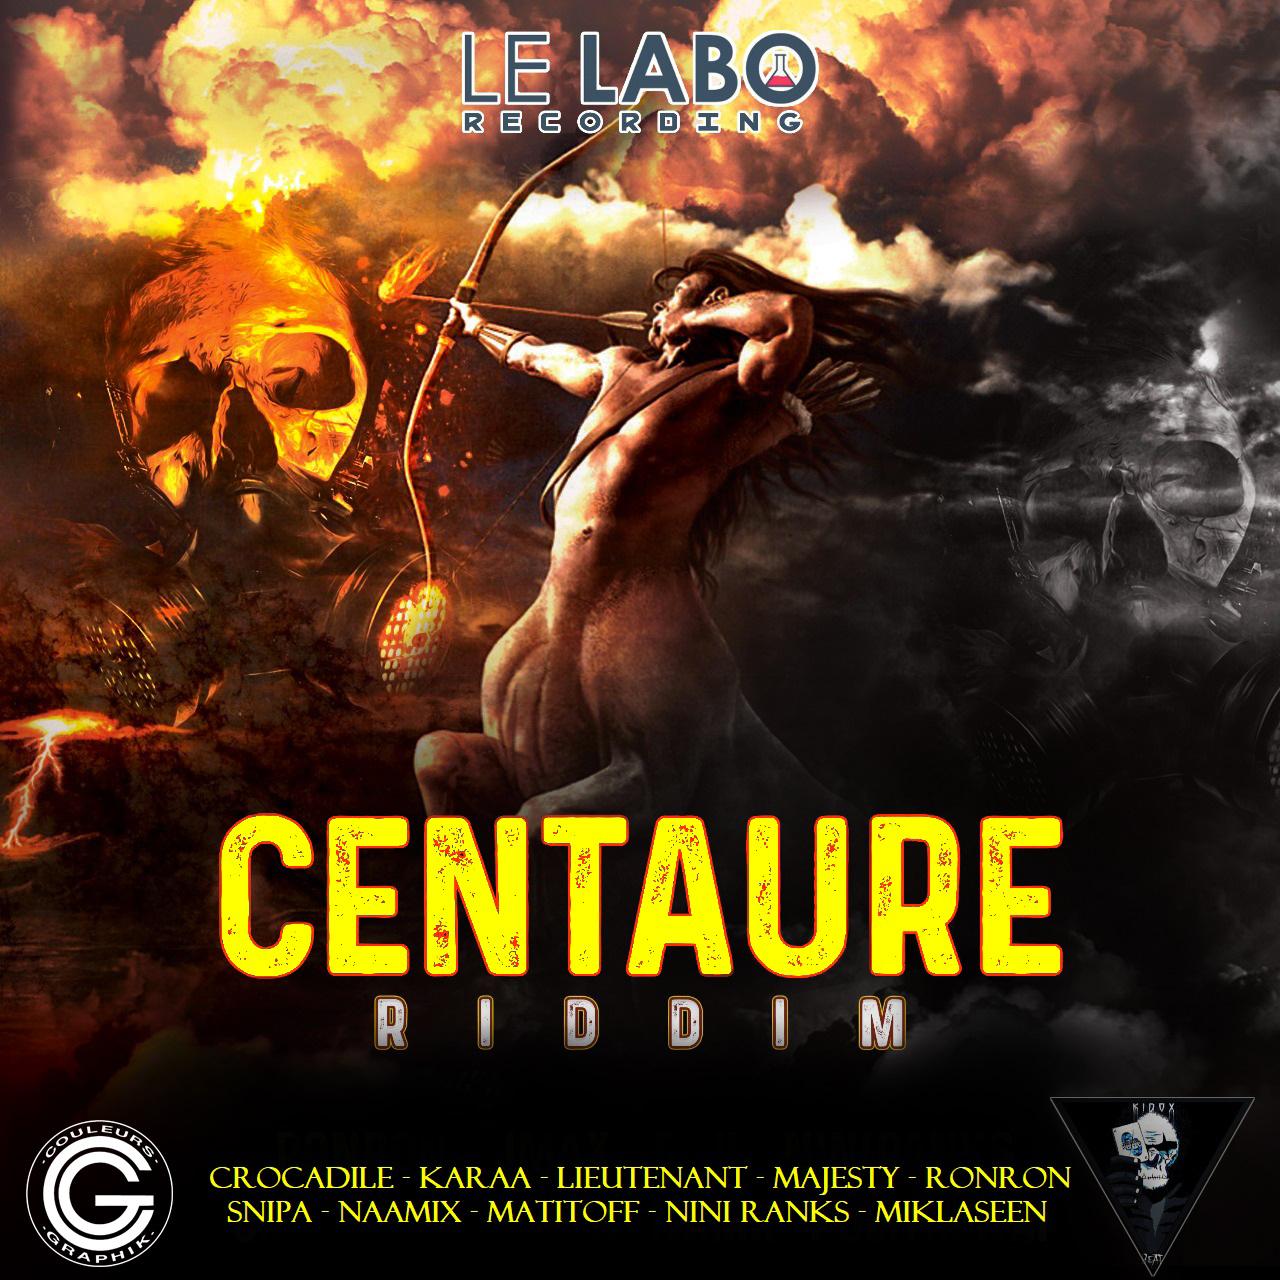 Centaure Riddim